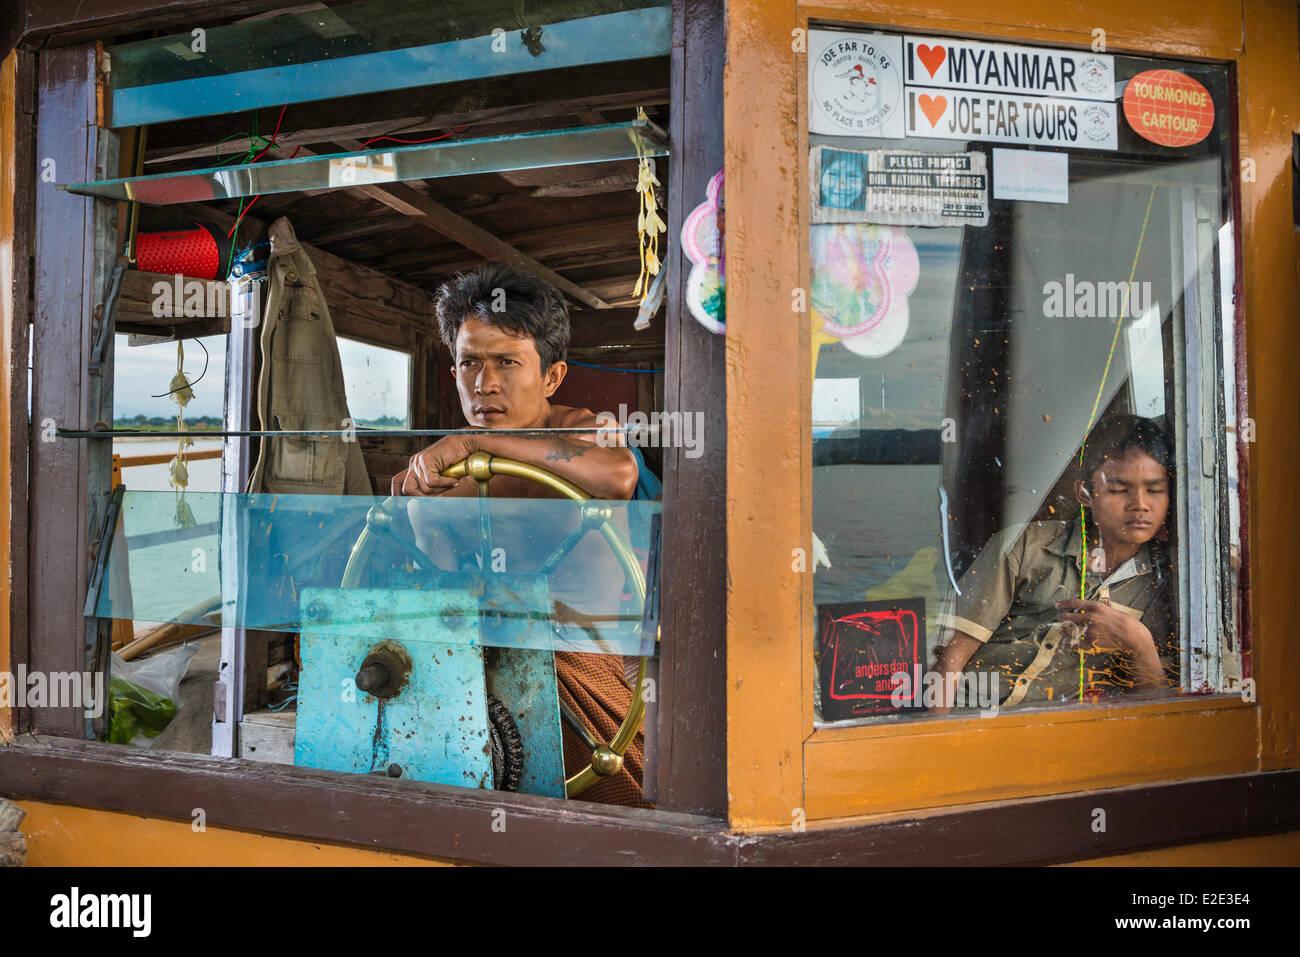 Myanmar (Birmanie) Mandalay Mandalay Division de la rivière Irrawady capitain du bateau de Mandalay à Photo Stock